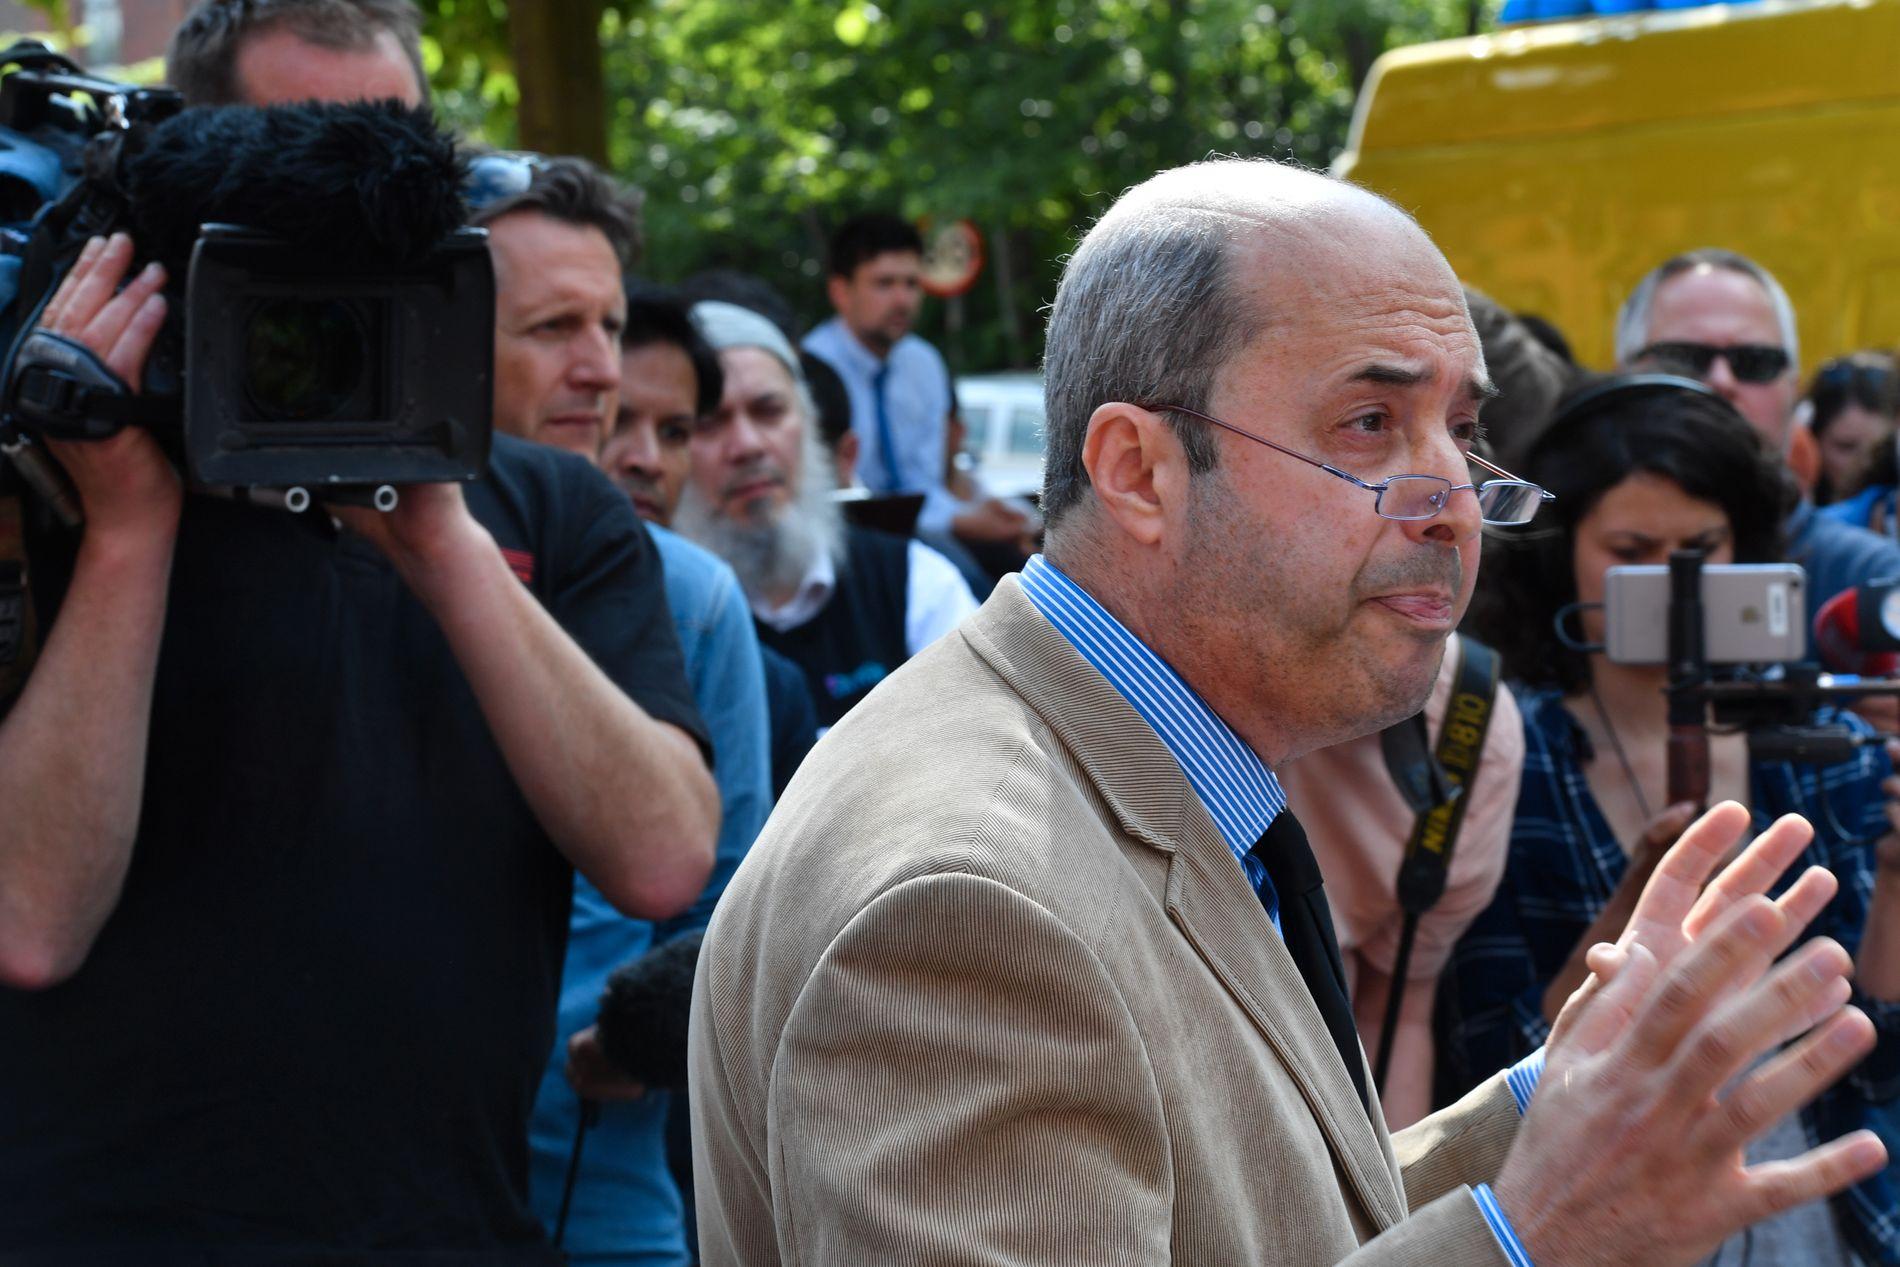 FORDØMMER: Fawzi Haffar, styreformann i Didsbury-moskeen, fordømmer terroren i Manchester, men nektet å svare på spørsmål da han møtte pressen onsdag. Foto: HELGE MIKALSEN, VG